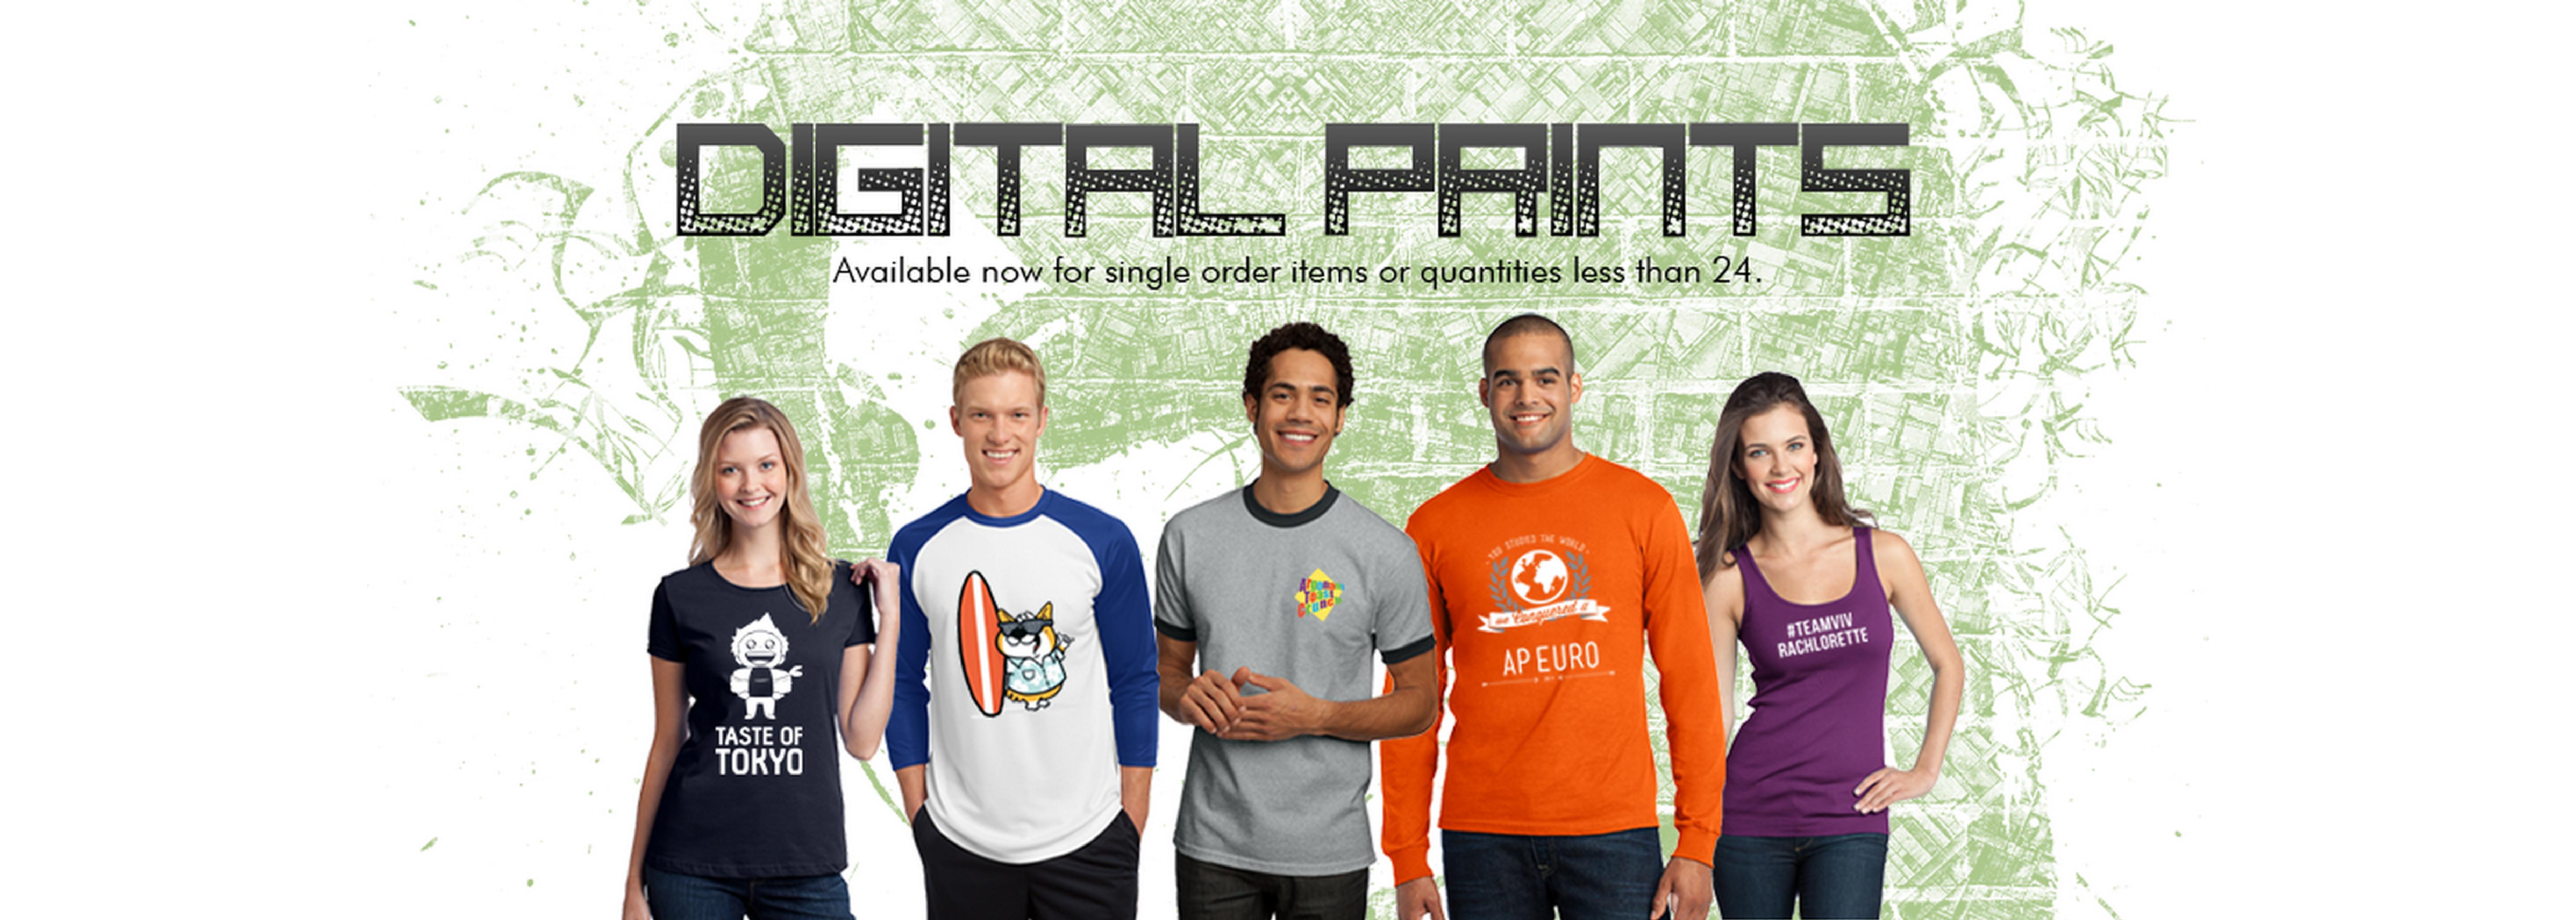 dtn-digital-prints-slider-07